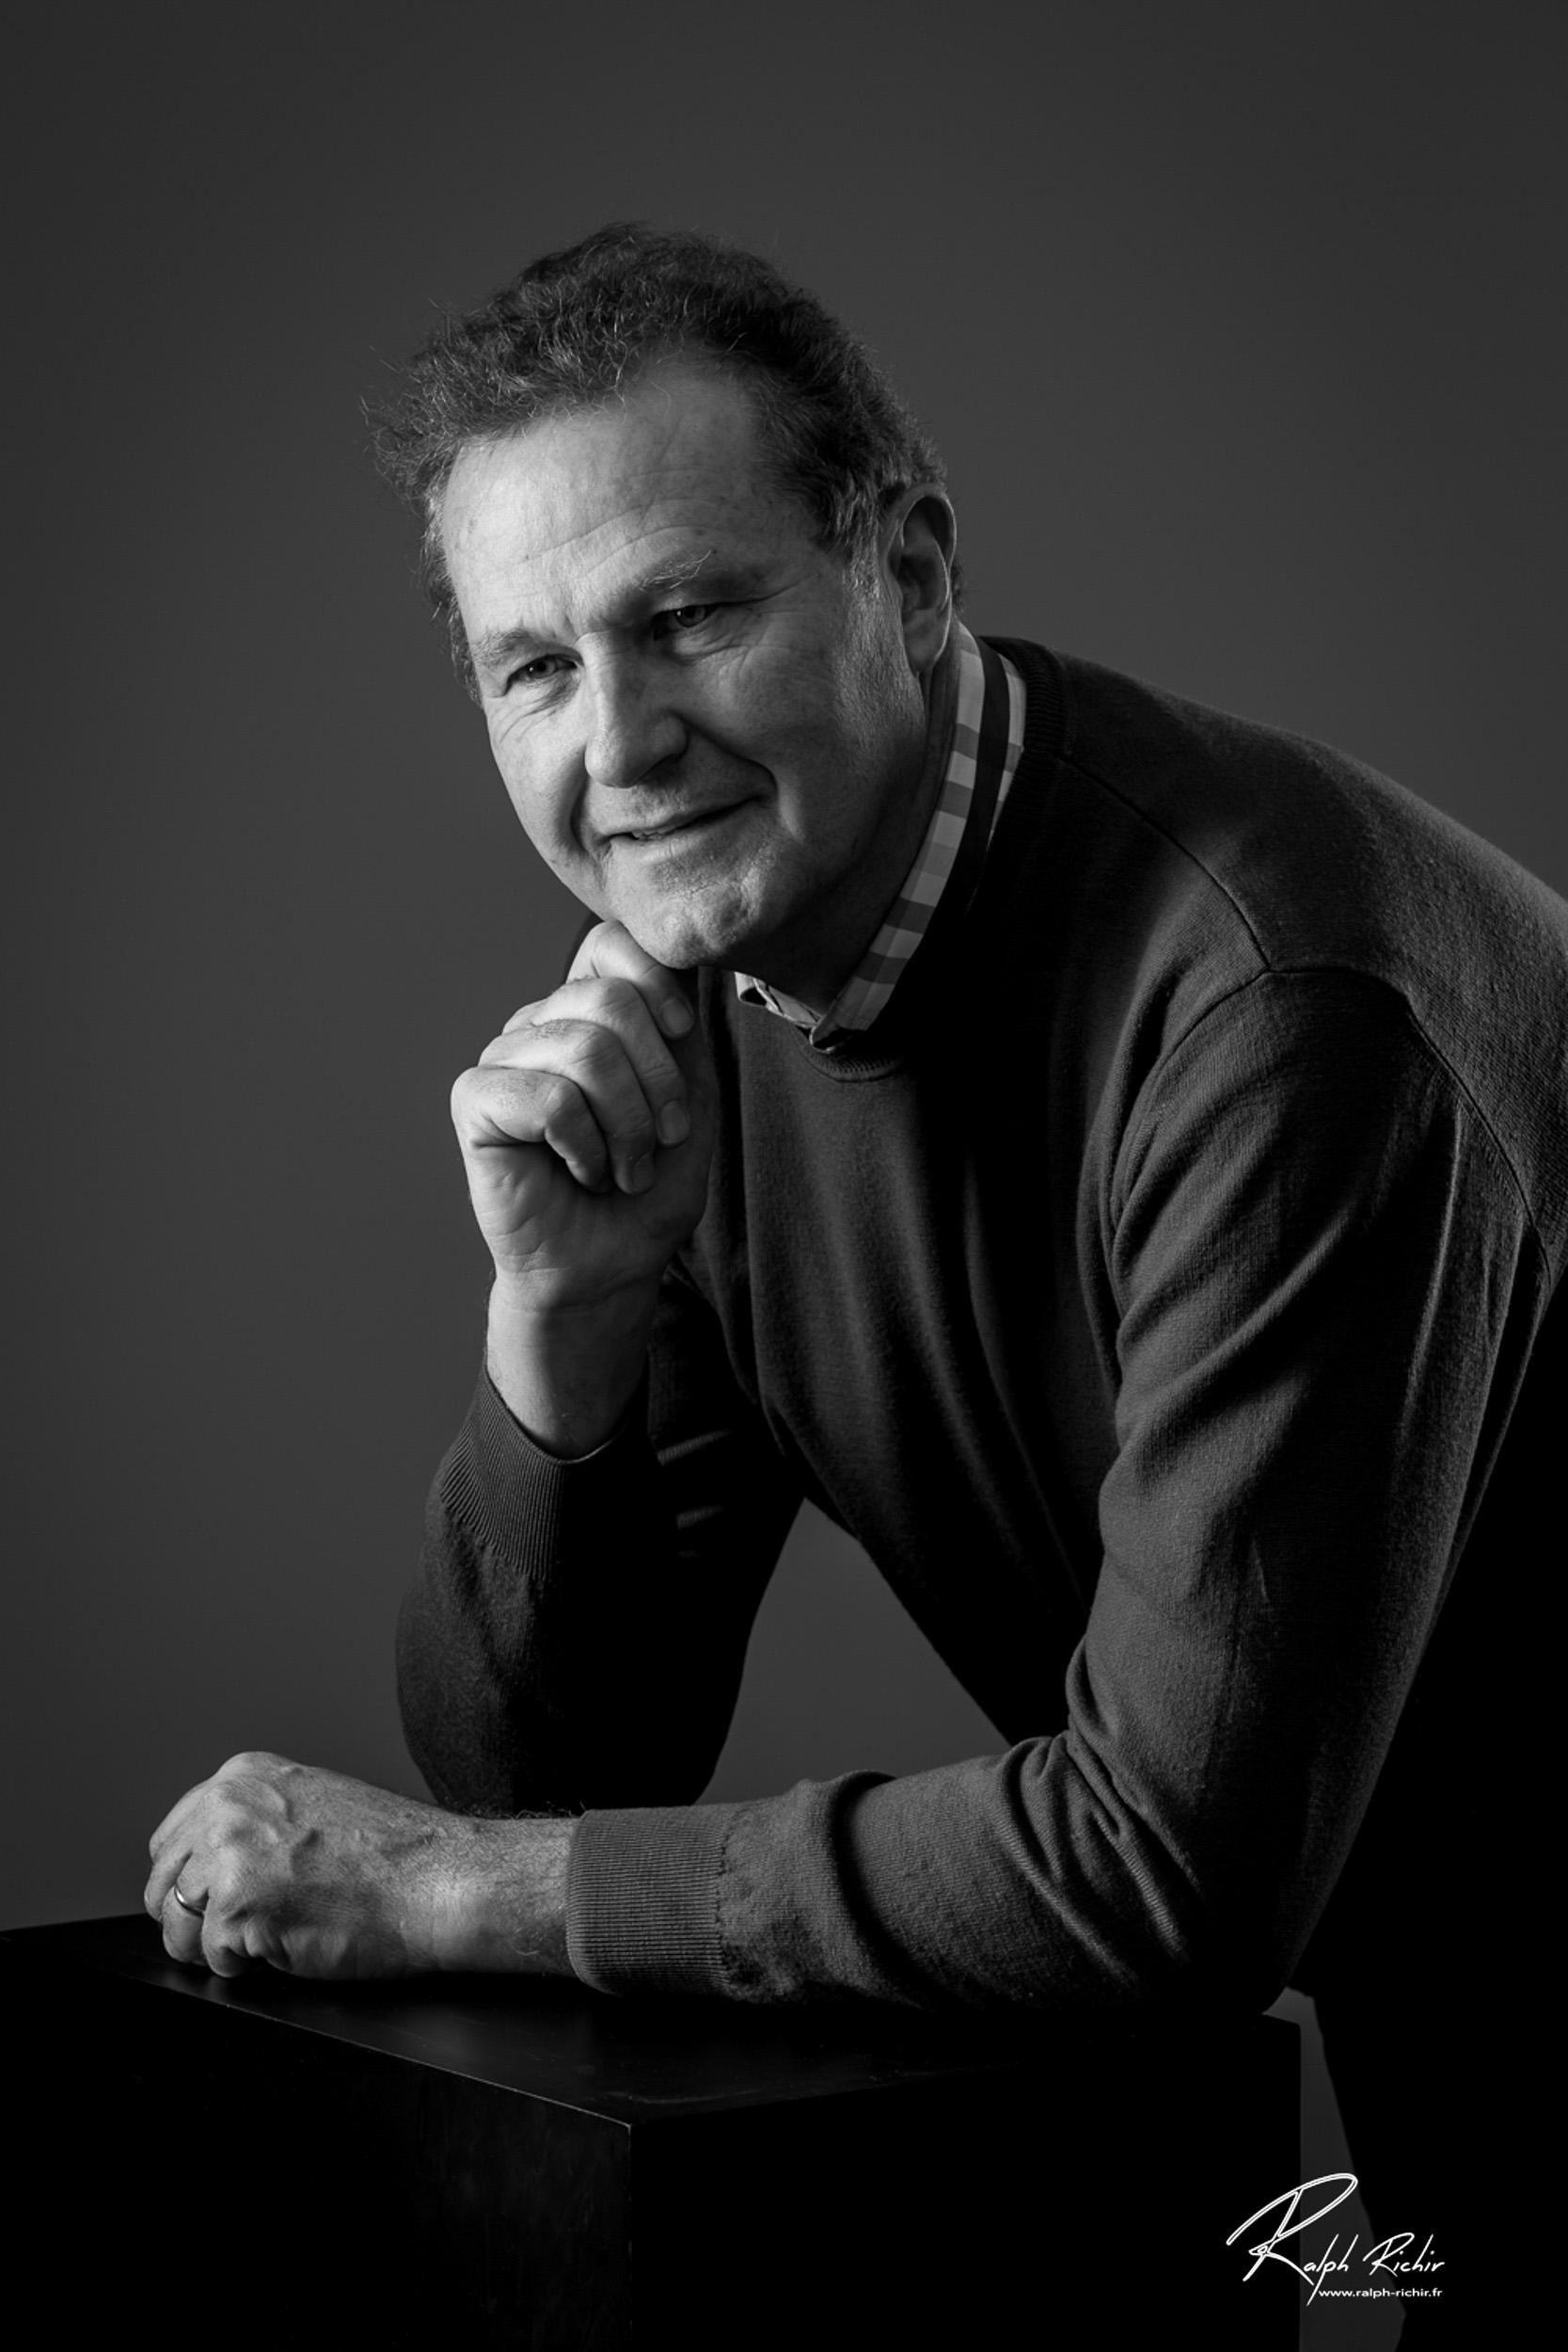 Ralph Richir, Portrait, Toulon,-8